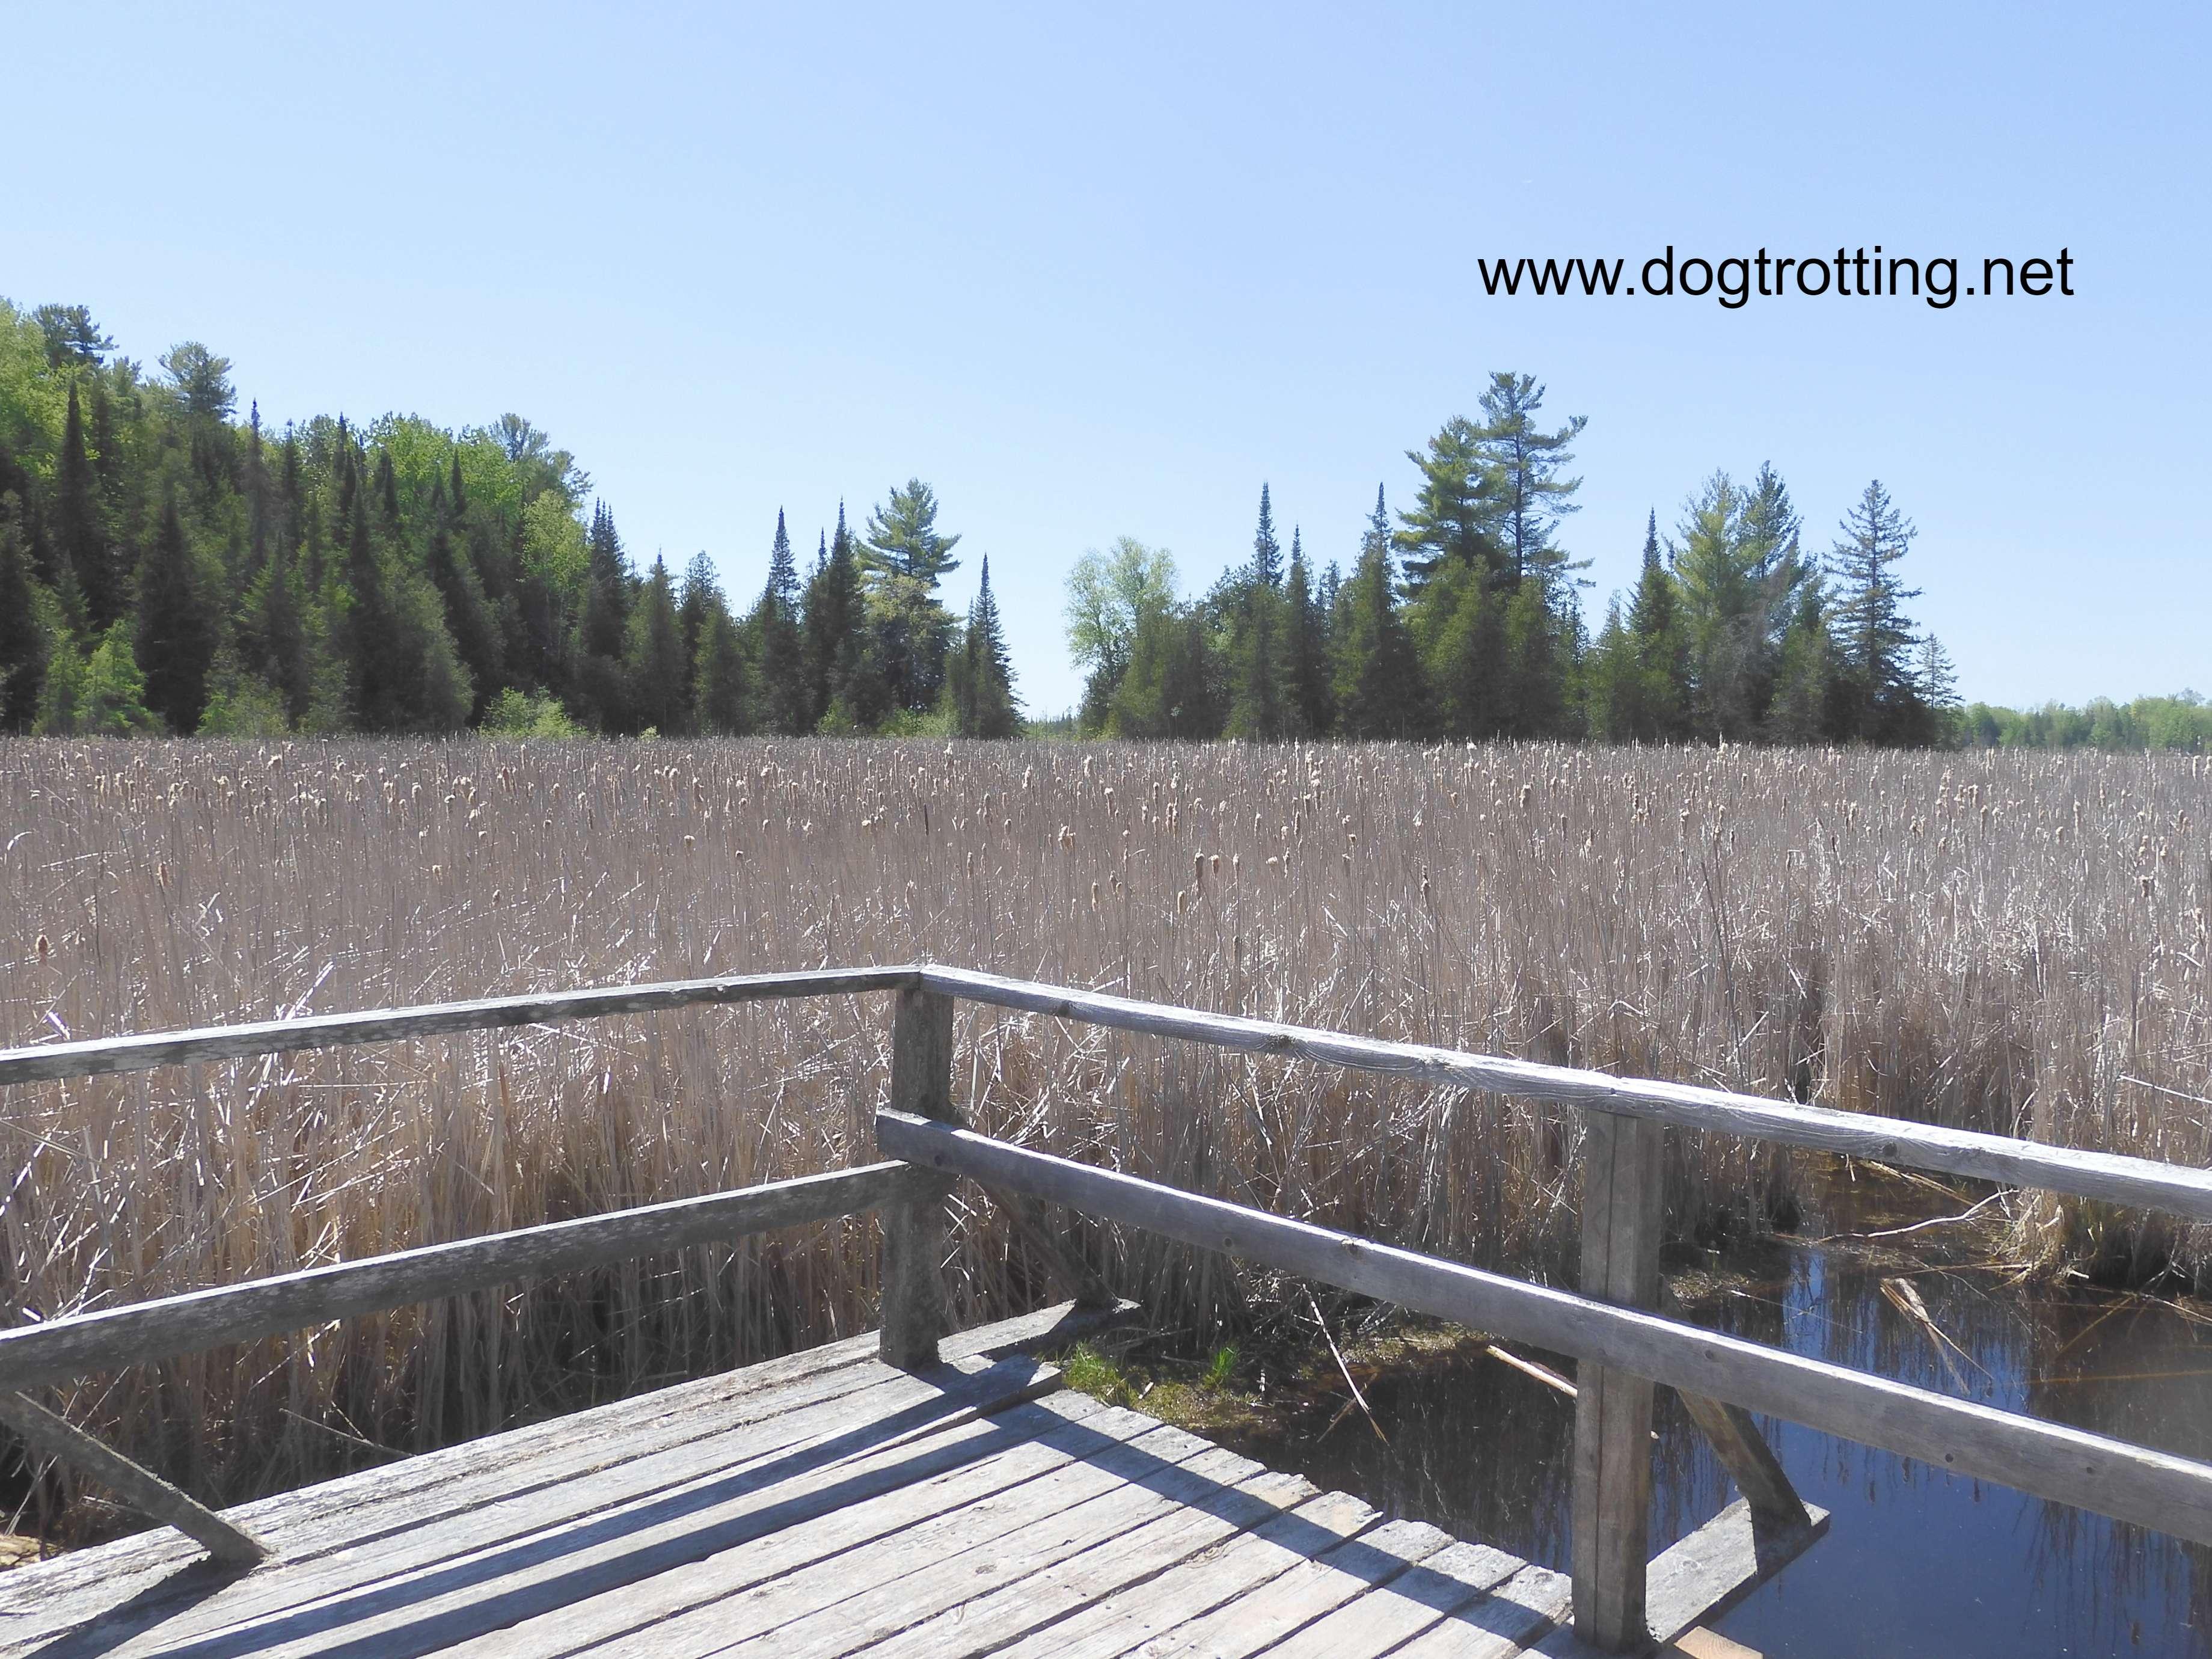 board walk over marshlands in Ontario